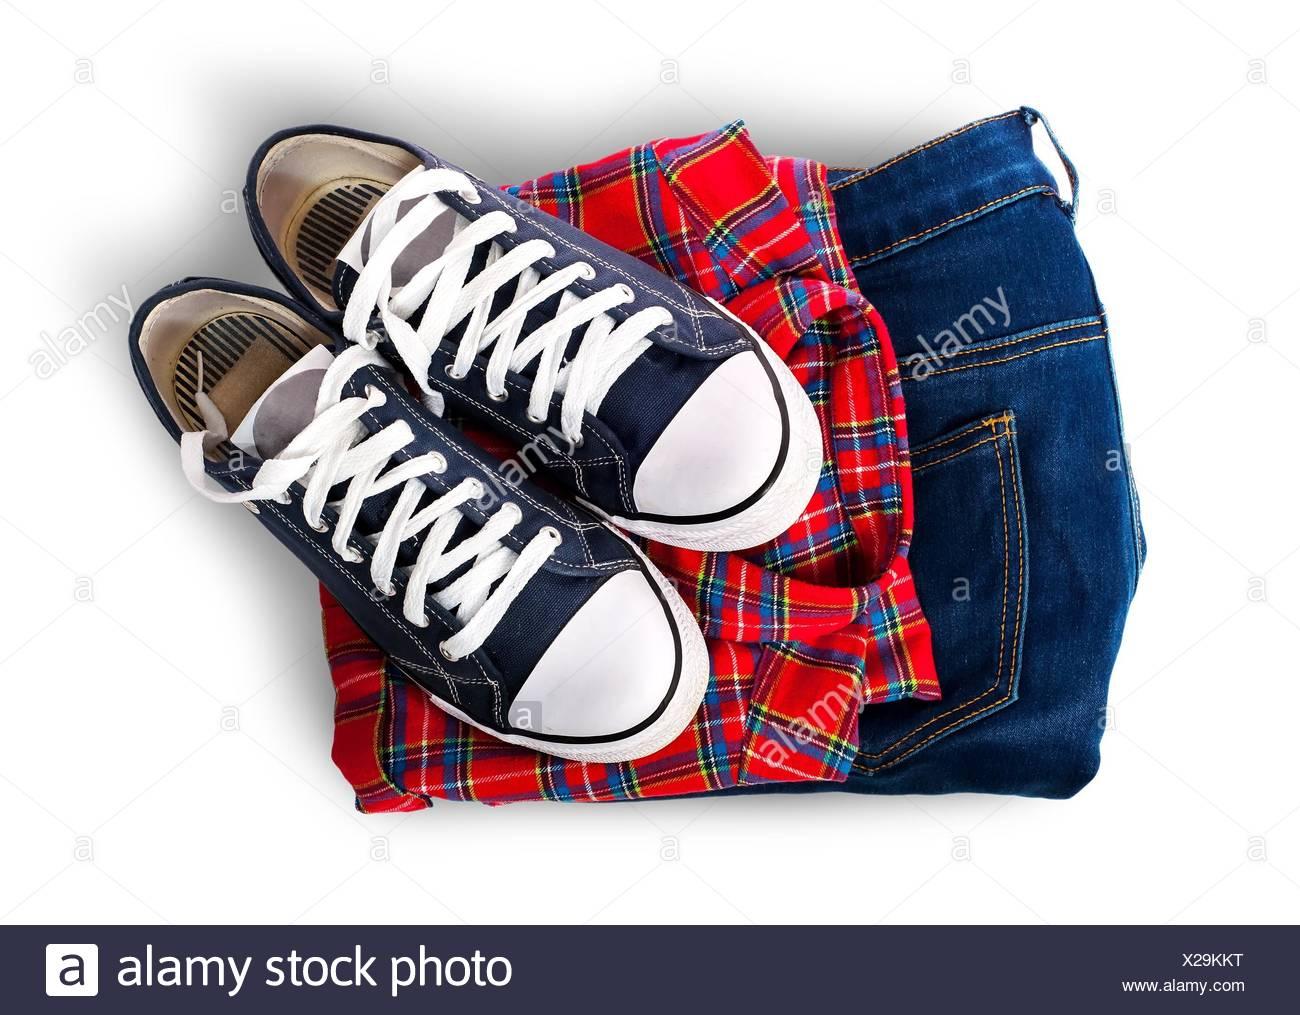 Jeans et chemise sport chaussures isolé sur fond blanc. Photo Stock